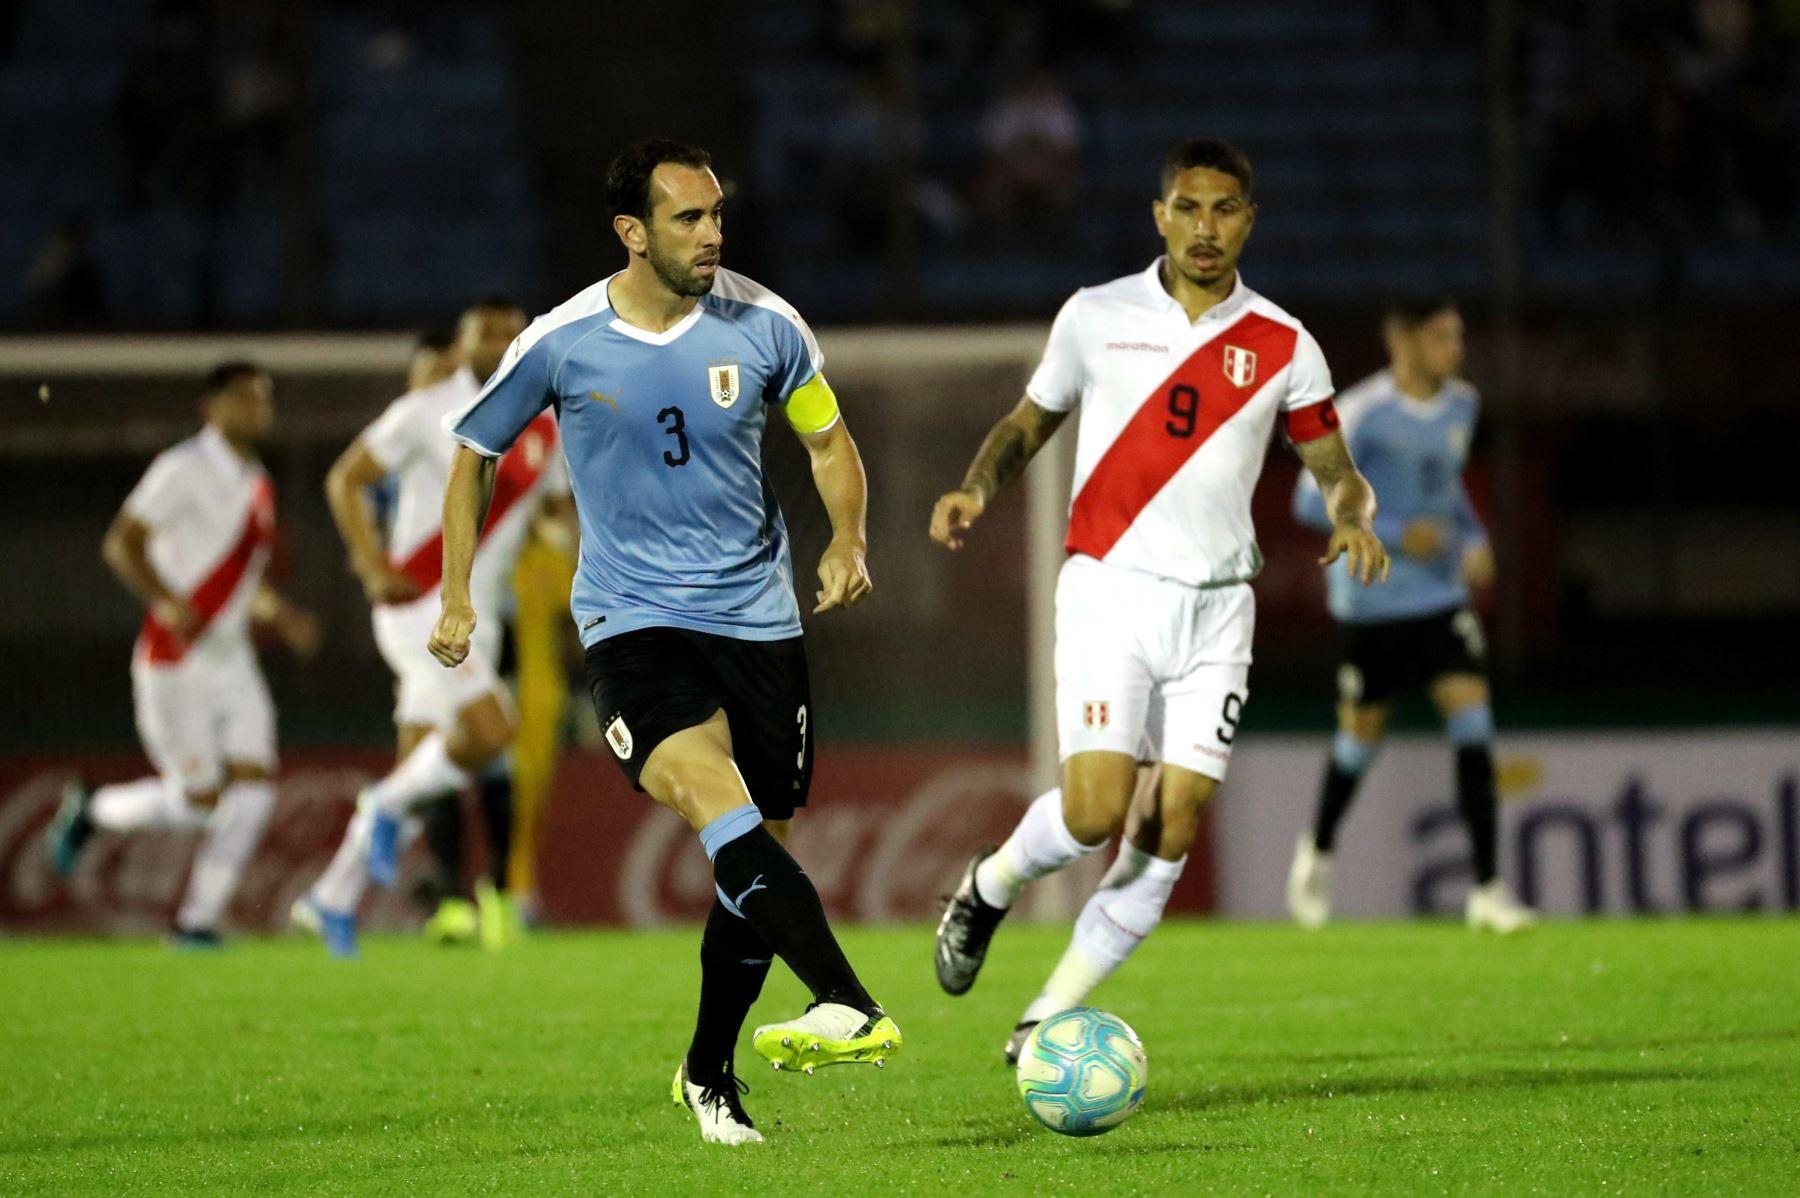 Diego Godín de Uruguay lanza un pase en partido amistoso disputado en estadio Centenario de Montevideo. Foto: EFE